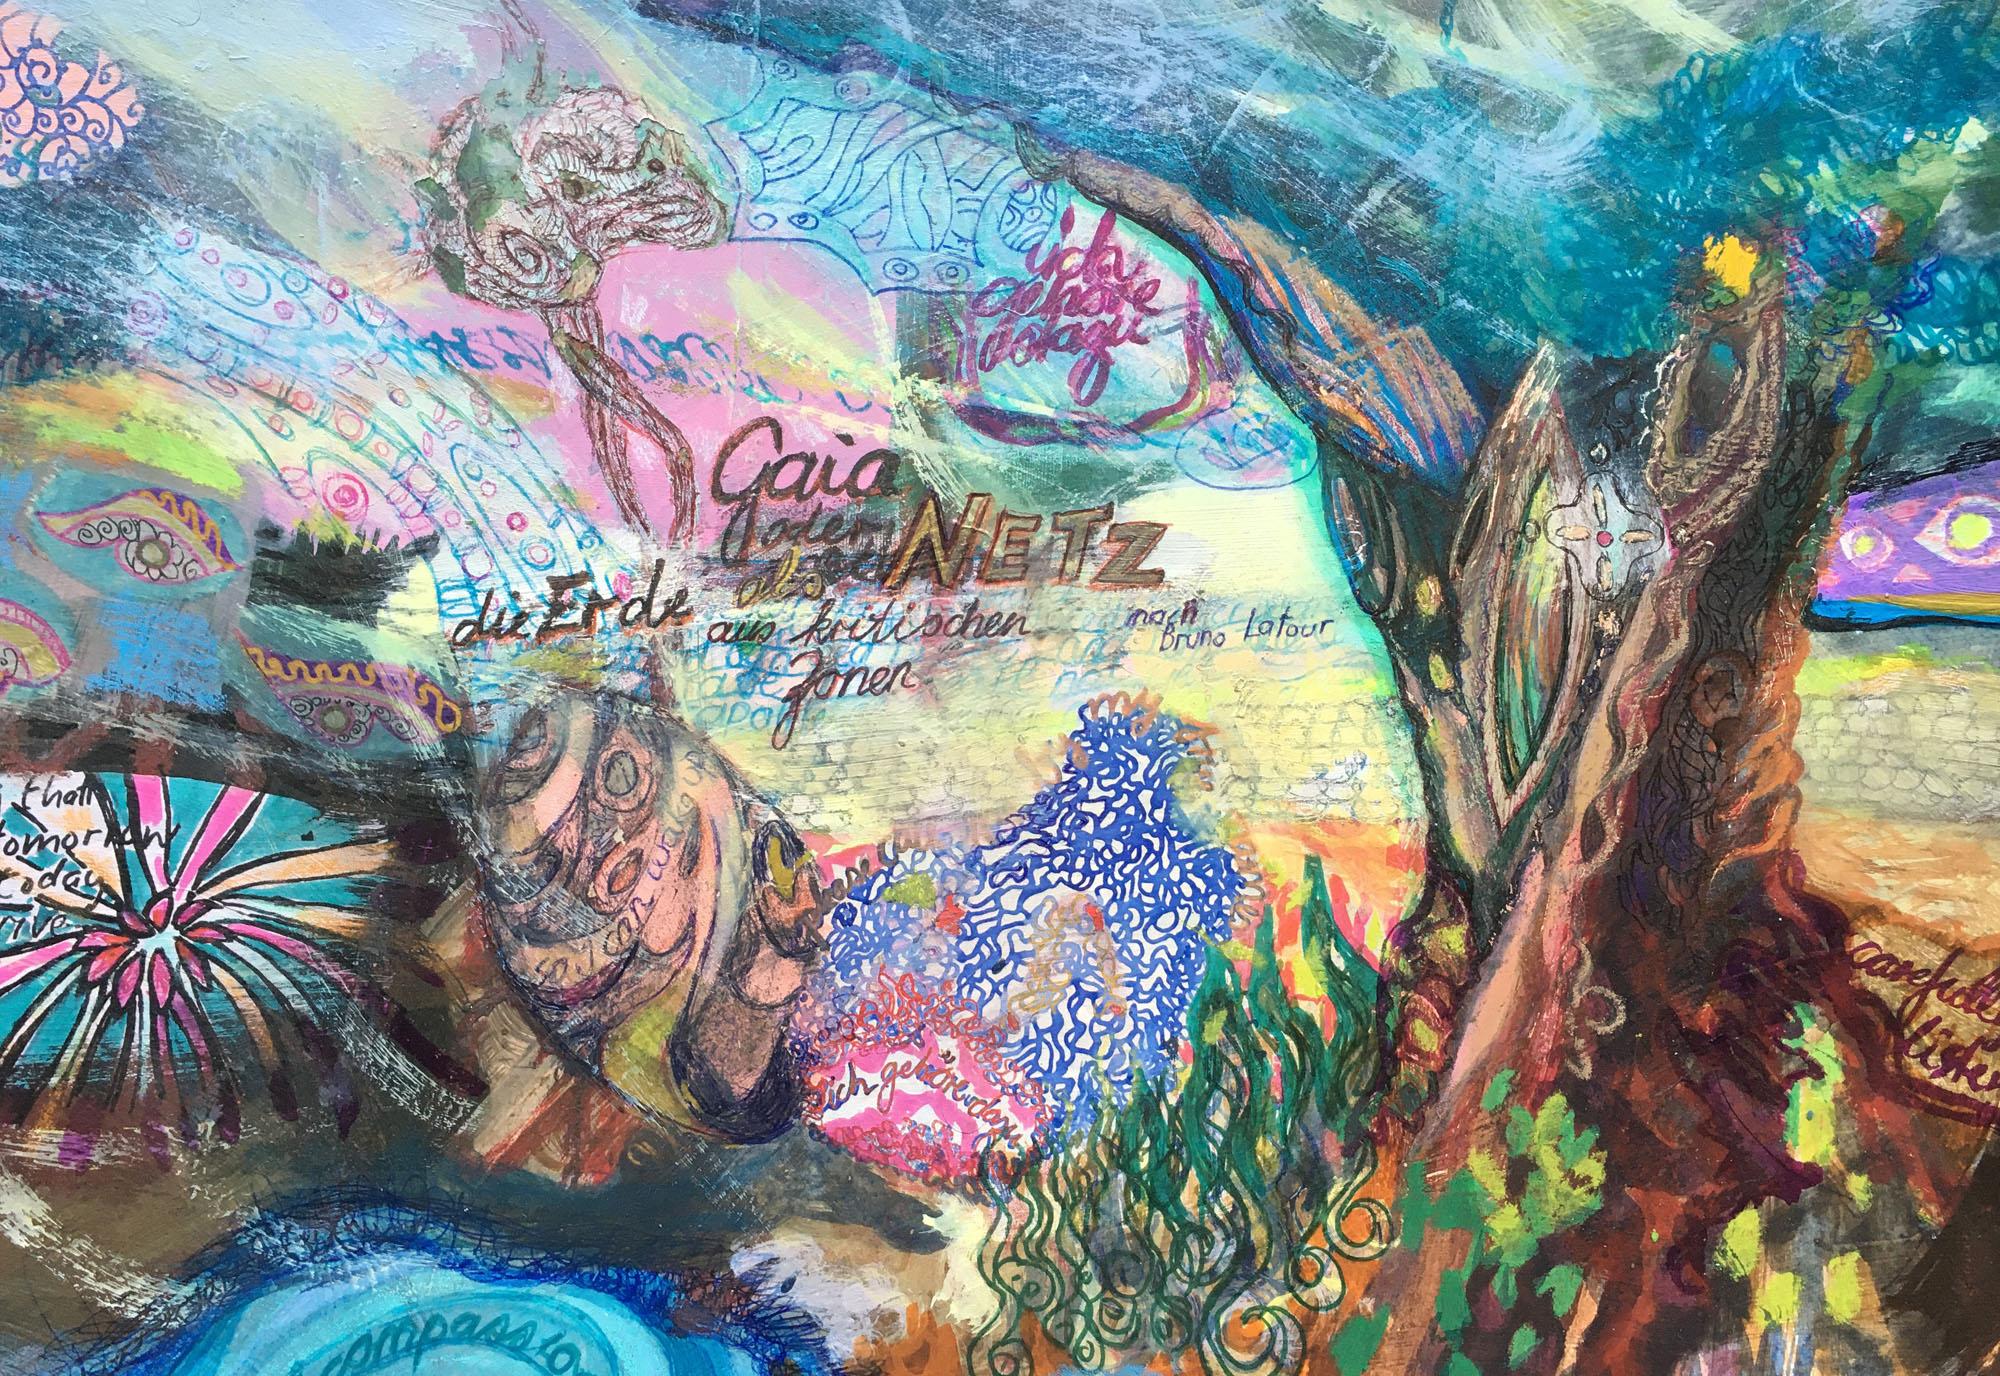 Elisabeth Fux Mattig, Gaia oder die Erde als Netz aus kritischen Zonen, Mischtechnik auf Karton, 2019